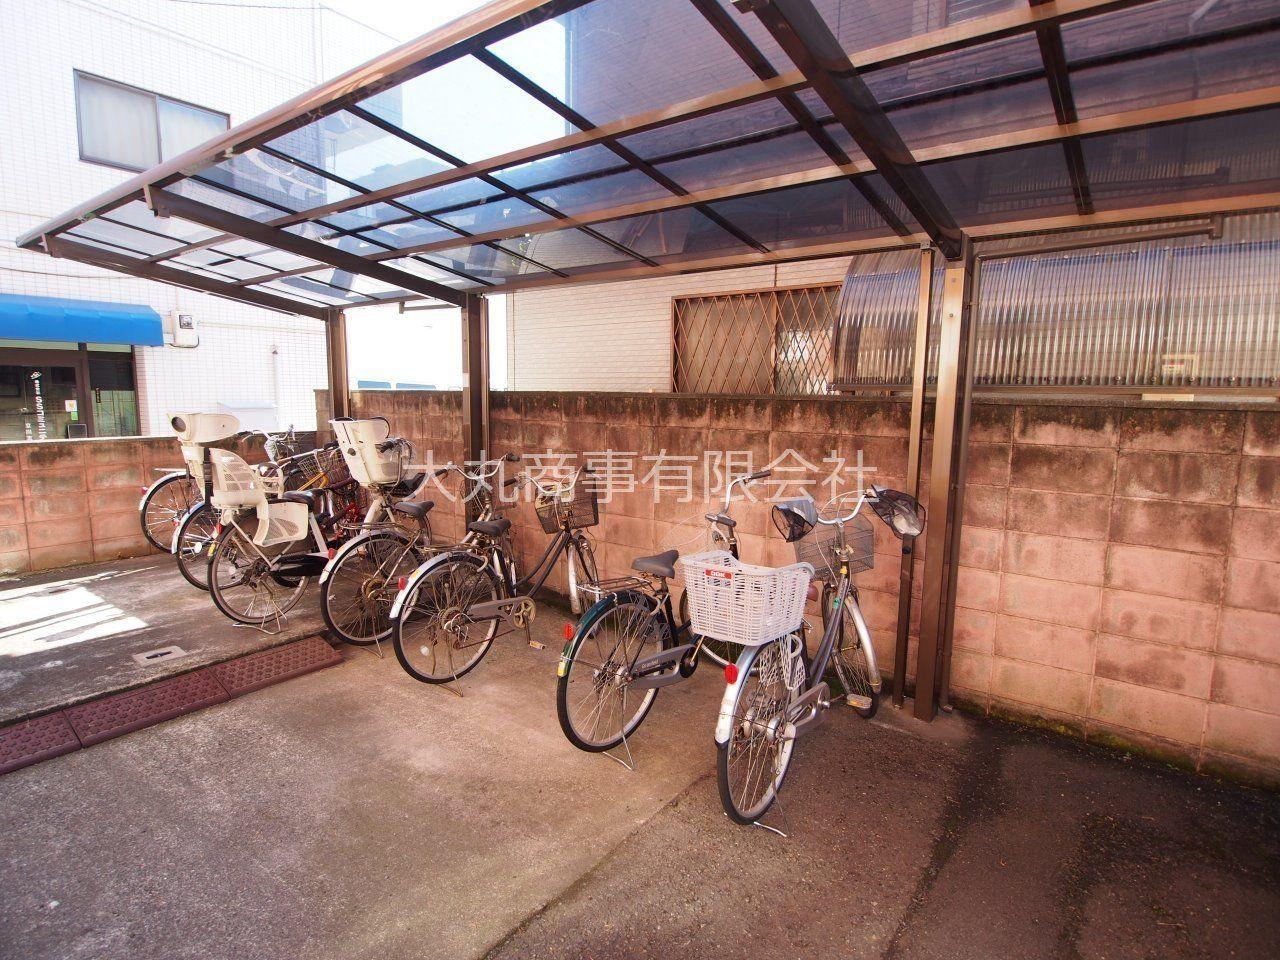 建物南側に屋根付きの自転車置場